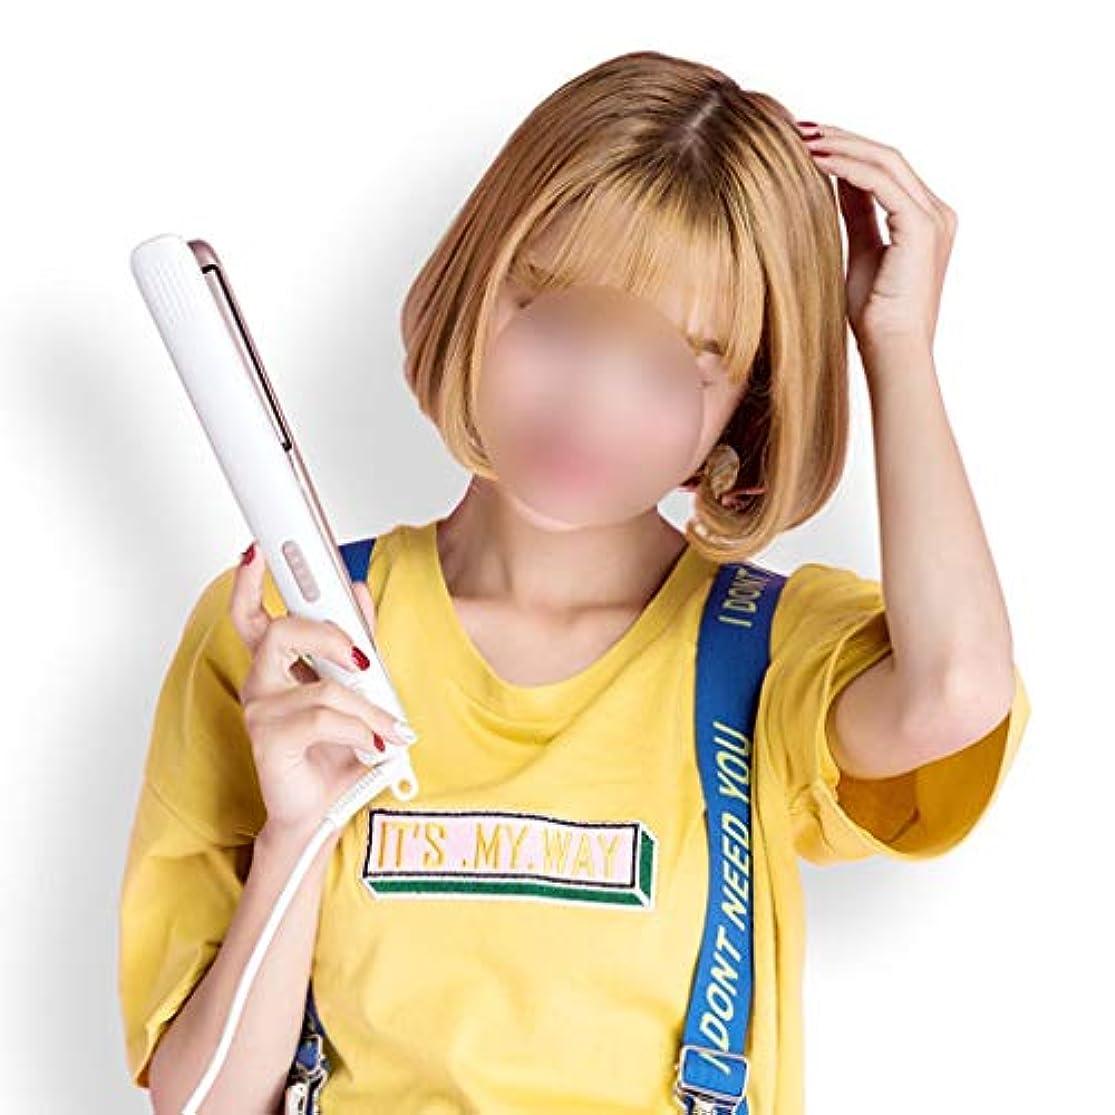 リネン習慣上流のJLHRB 5スピード温度制御セラミックストレートヘアスプリントスプリントストレートヘアカーリーヘアデュアルユースは髪を傷つけません